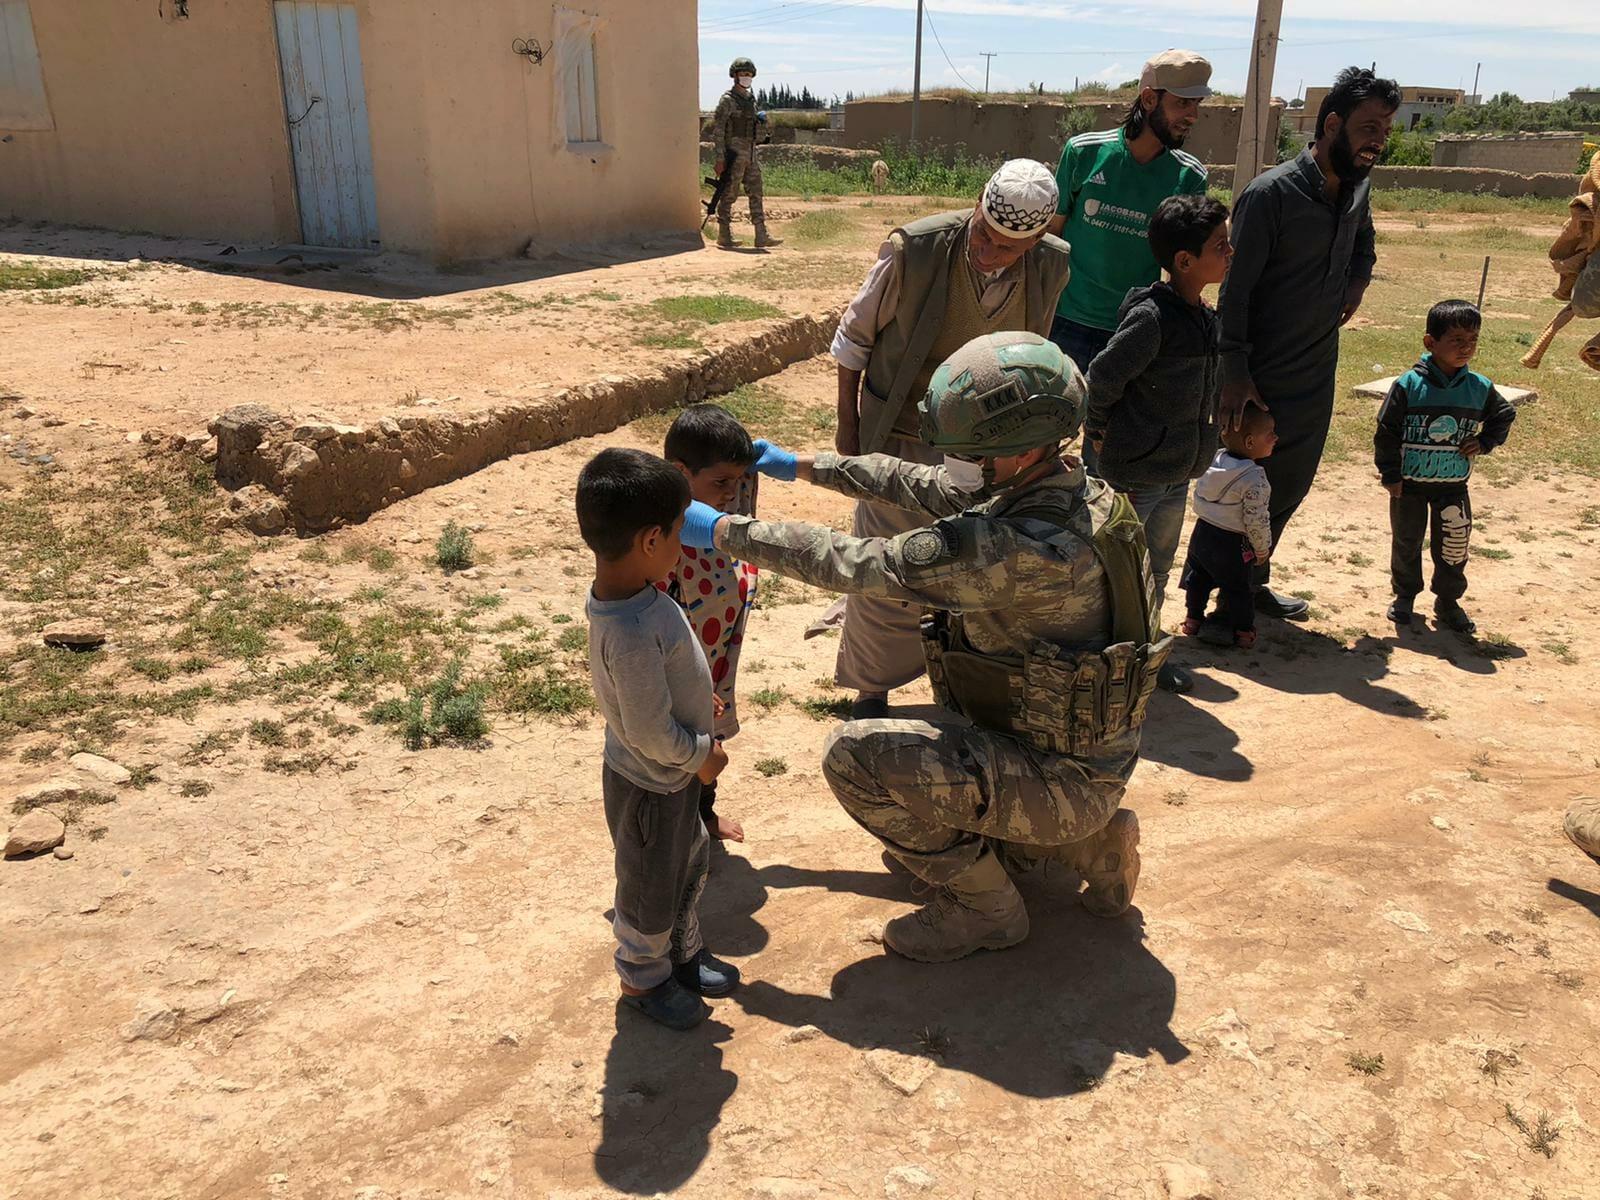 """EXUU54OXQAE3K 5 - """"نبع السلام"""".. الجيش التركي يفرح قلوب الأطفال السوريين"""